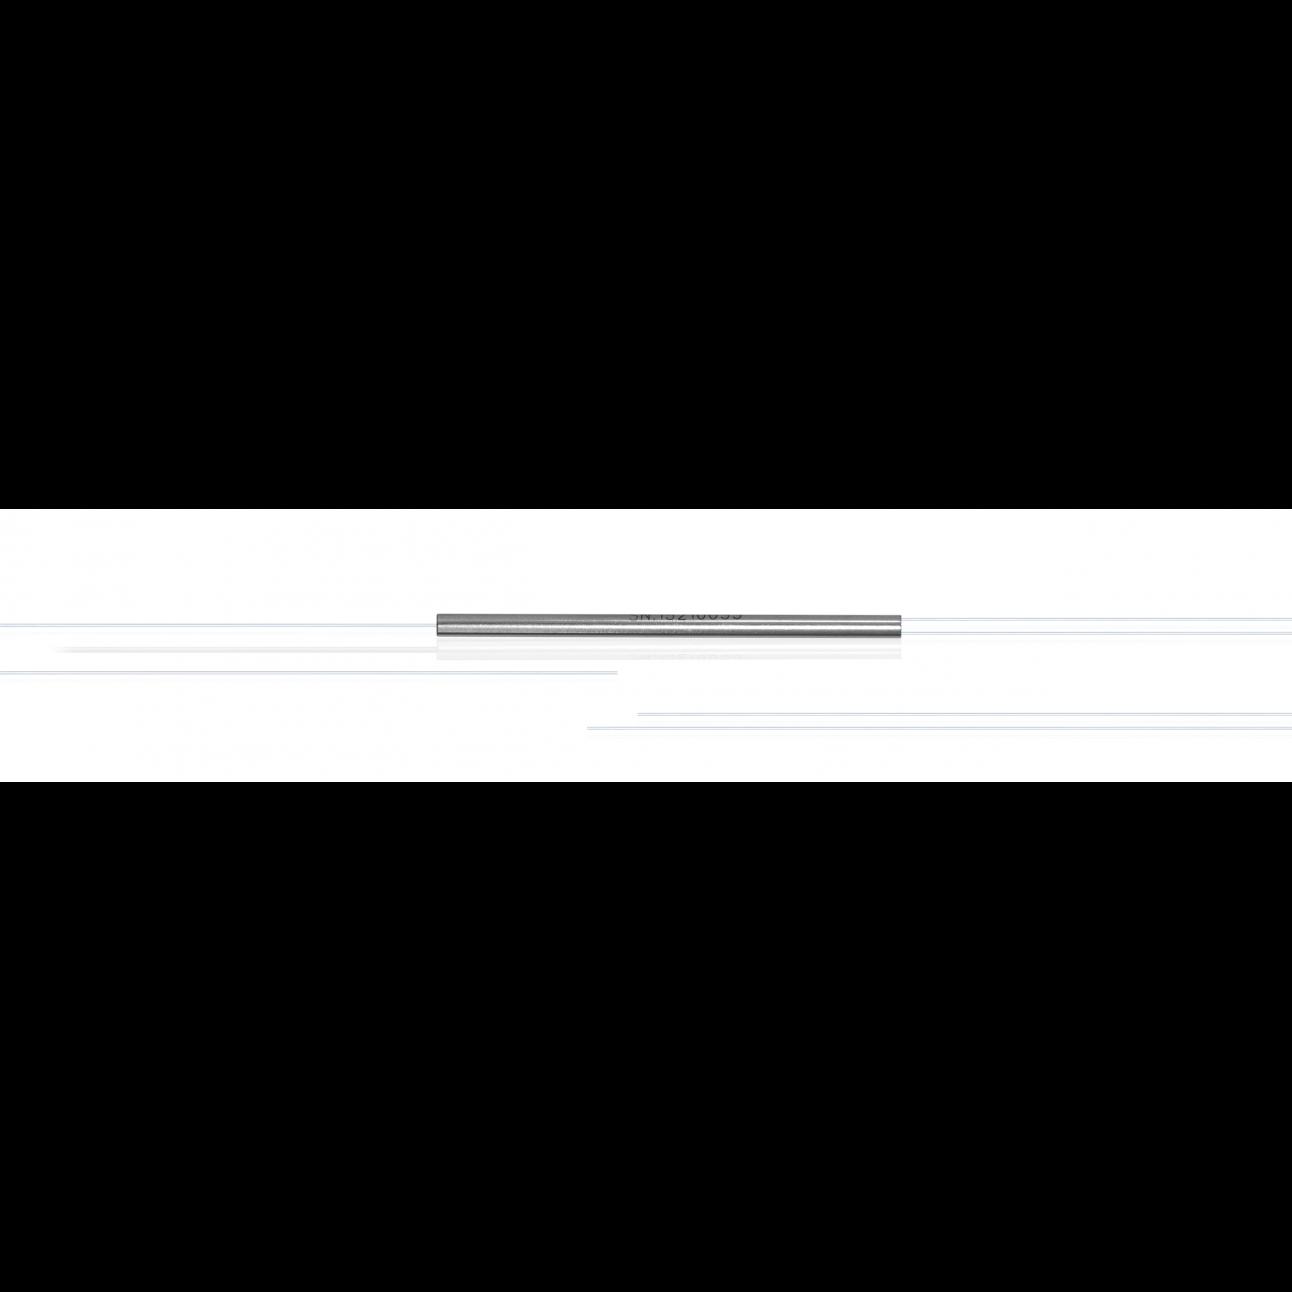 Делитель оптический бескорпусный буфер 225нм 1х2, 10/90, B-Optics (комплект из 2 шт.)